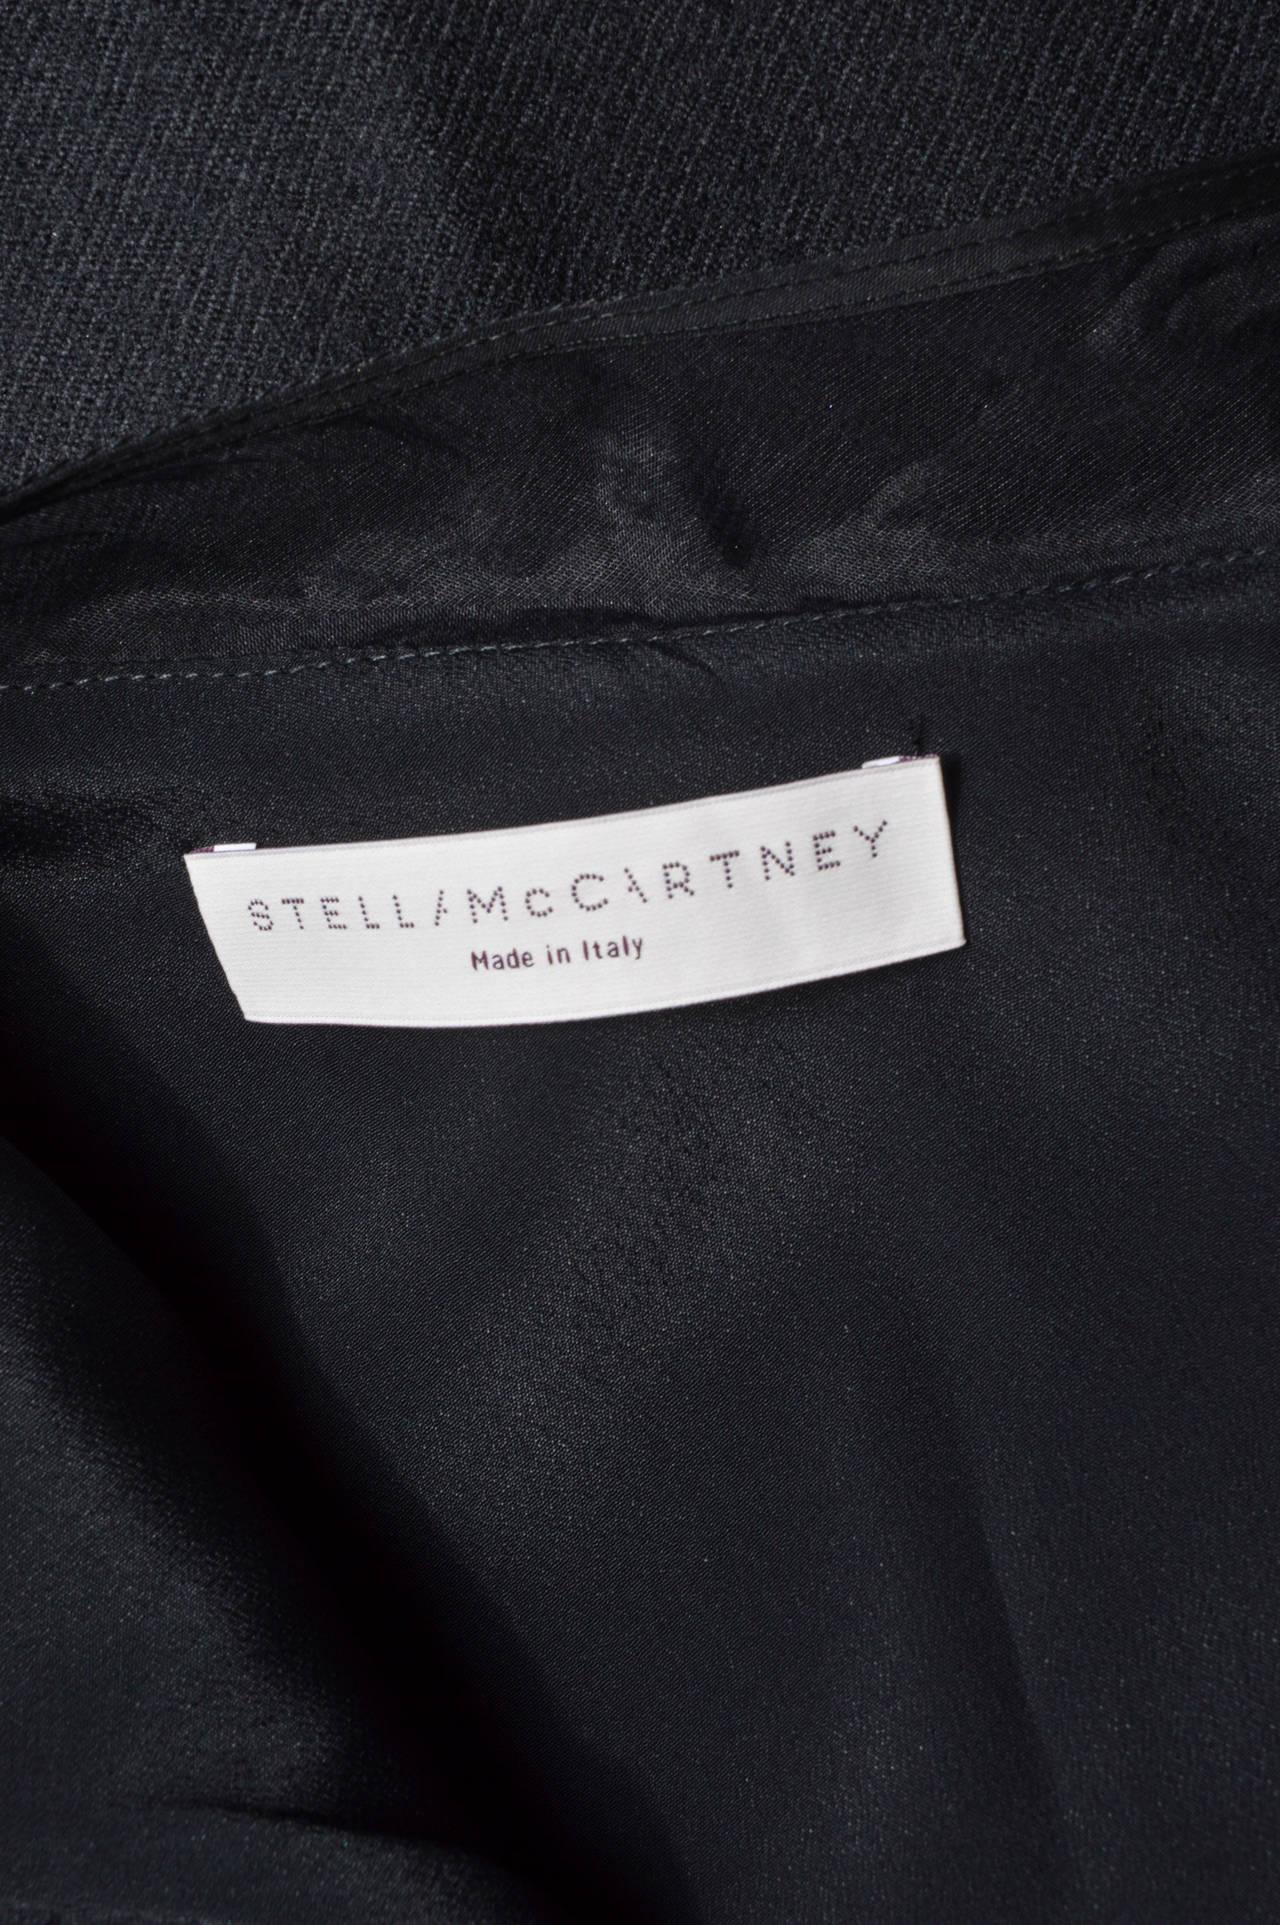 Stella McCartney Black One Shoulder Dress For Sale 2